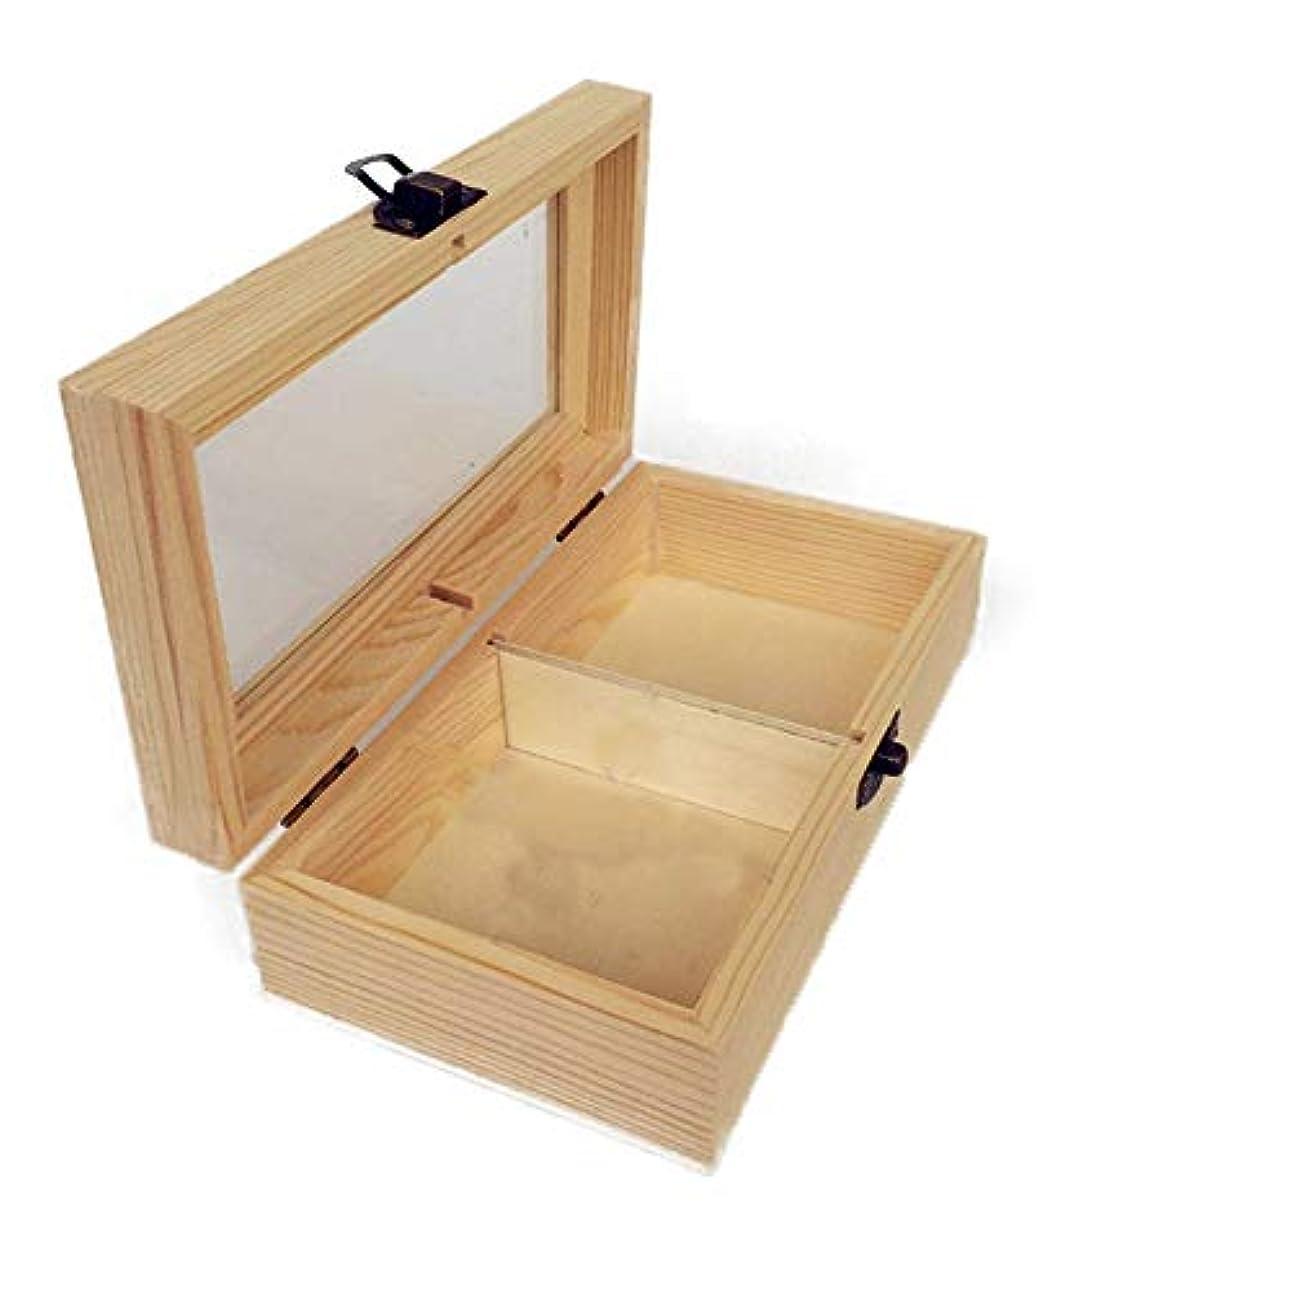 通貨返済人質エッセンシャルオイルの保管 プレゼンテーションのために手作りの木製ギフトボックスパーフェクトエッセンシャルオイルケースにエッセンシャルオイルは、被害太陽光からあなたの油を保護します (色 : Natural, サイズ :...